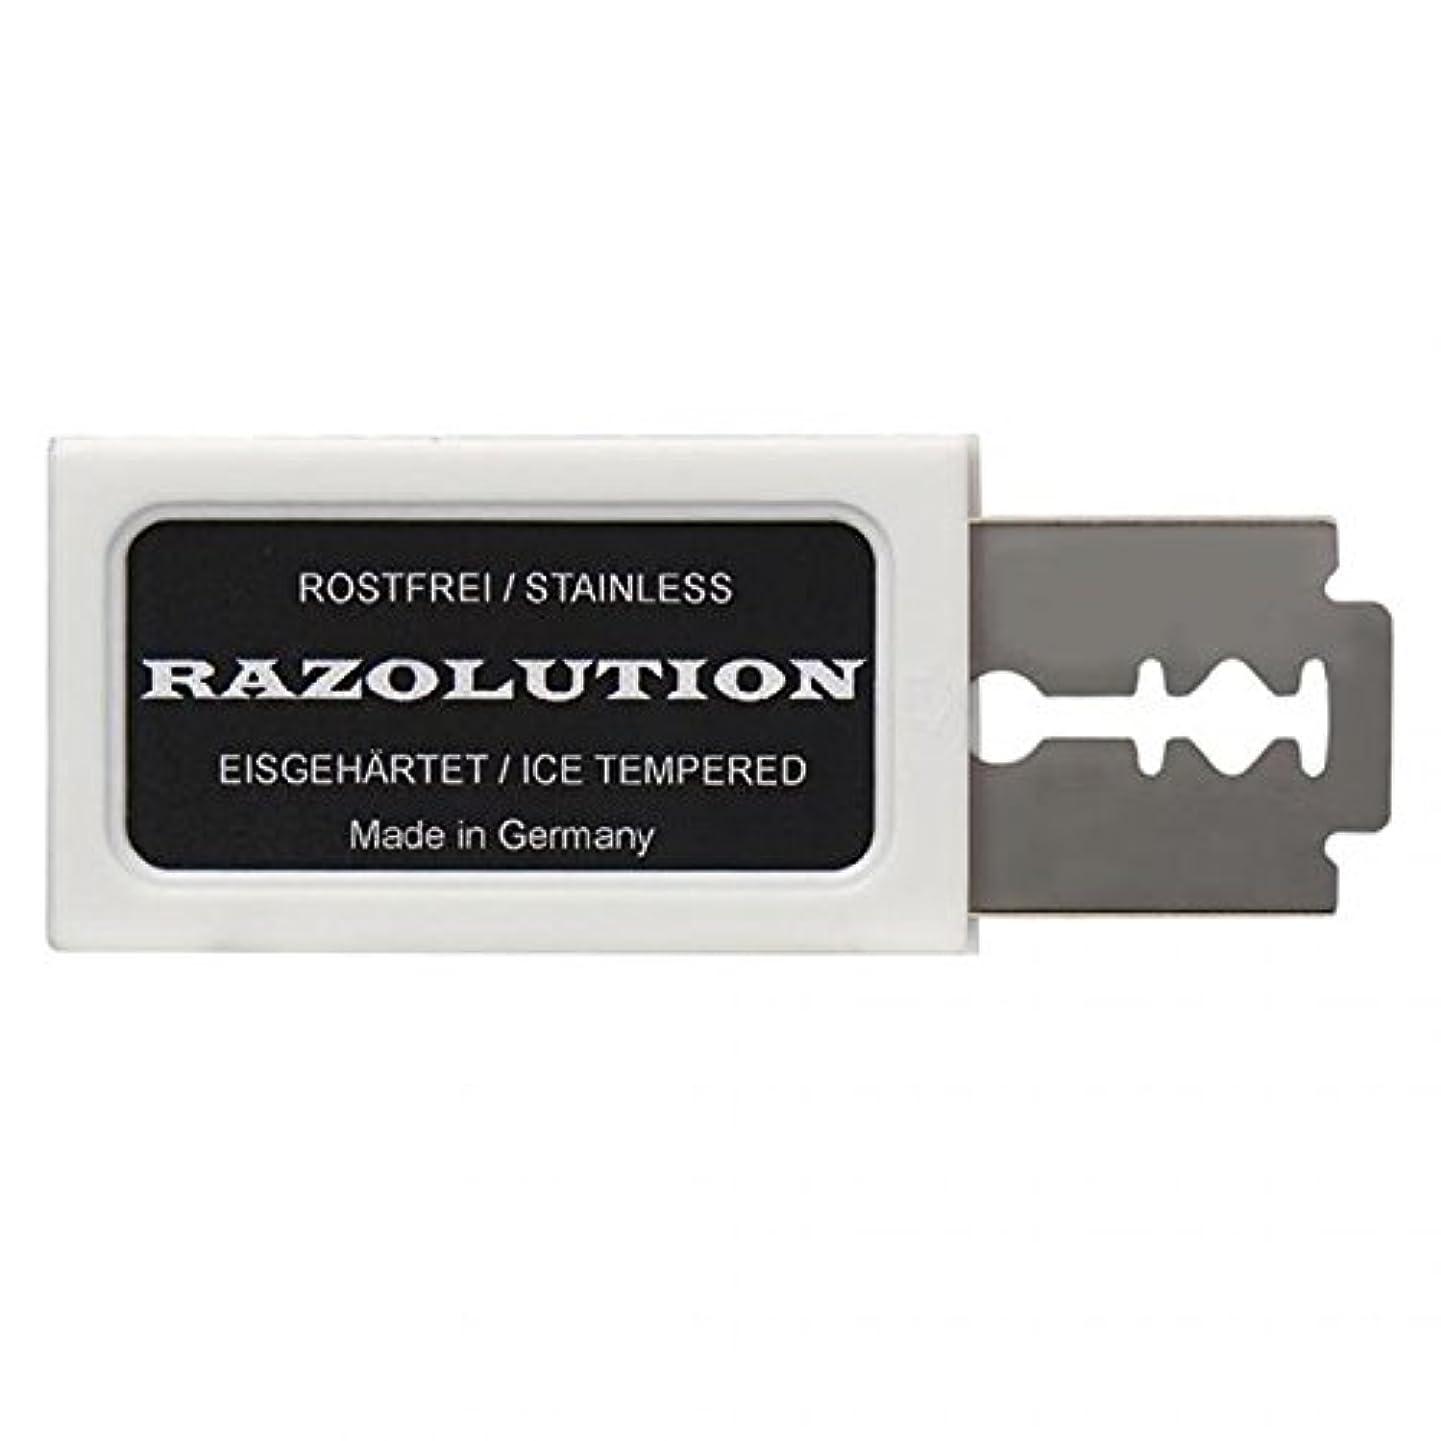 くぼみタヒチとげRAZOLUTION Razor blades, 10 pieces, Made in Germany